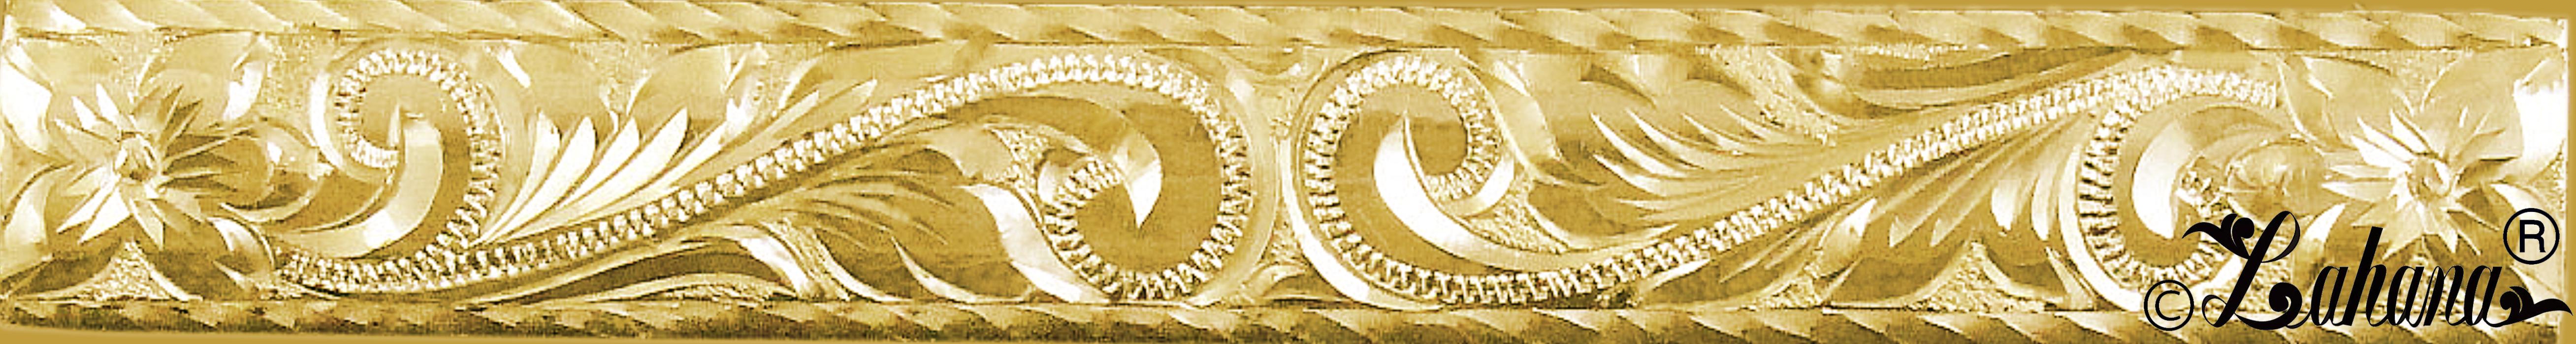 sample-logo-14k-td-e.jpg